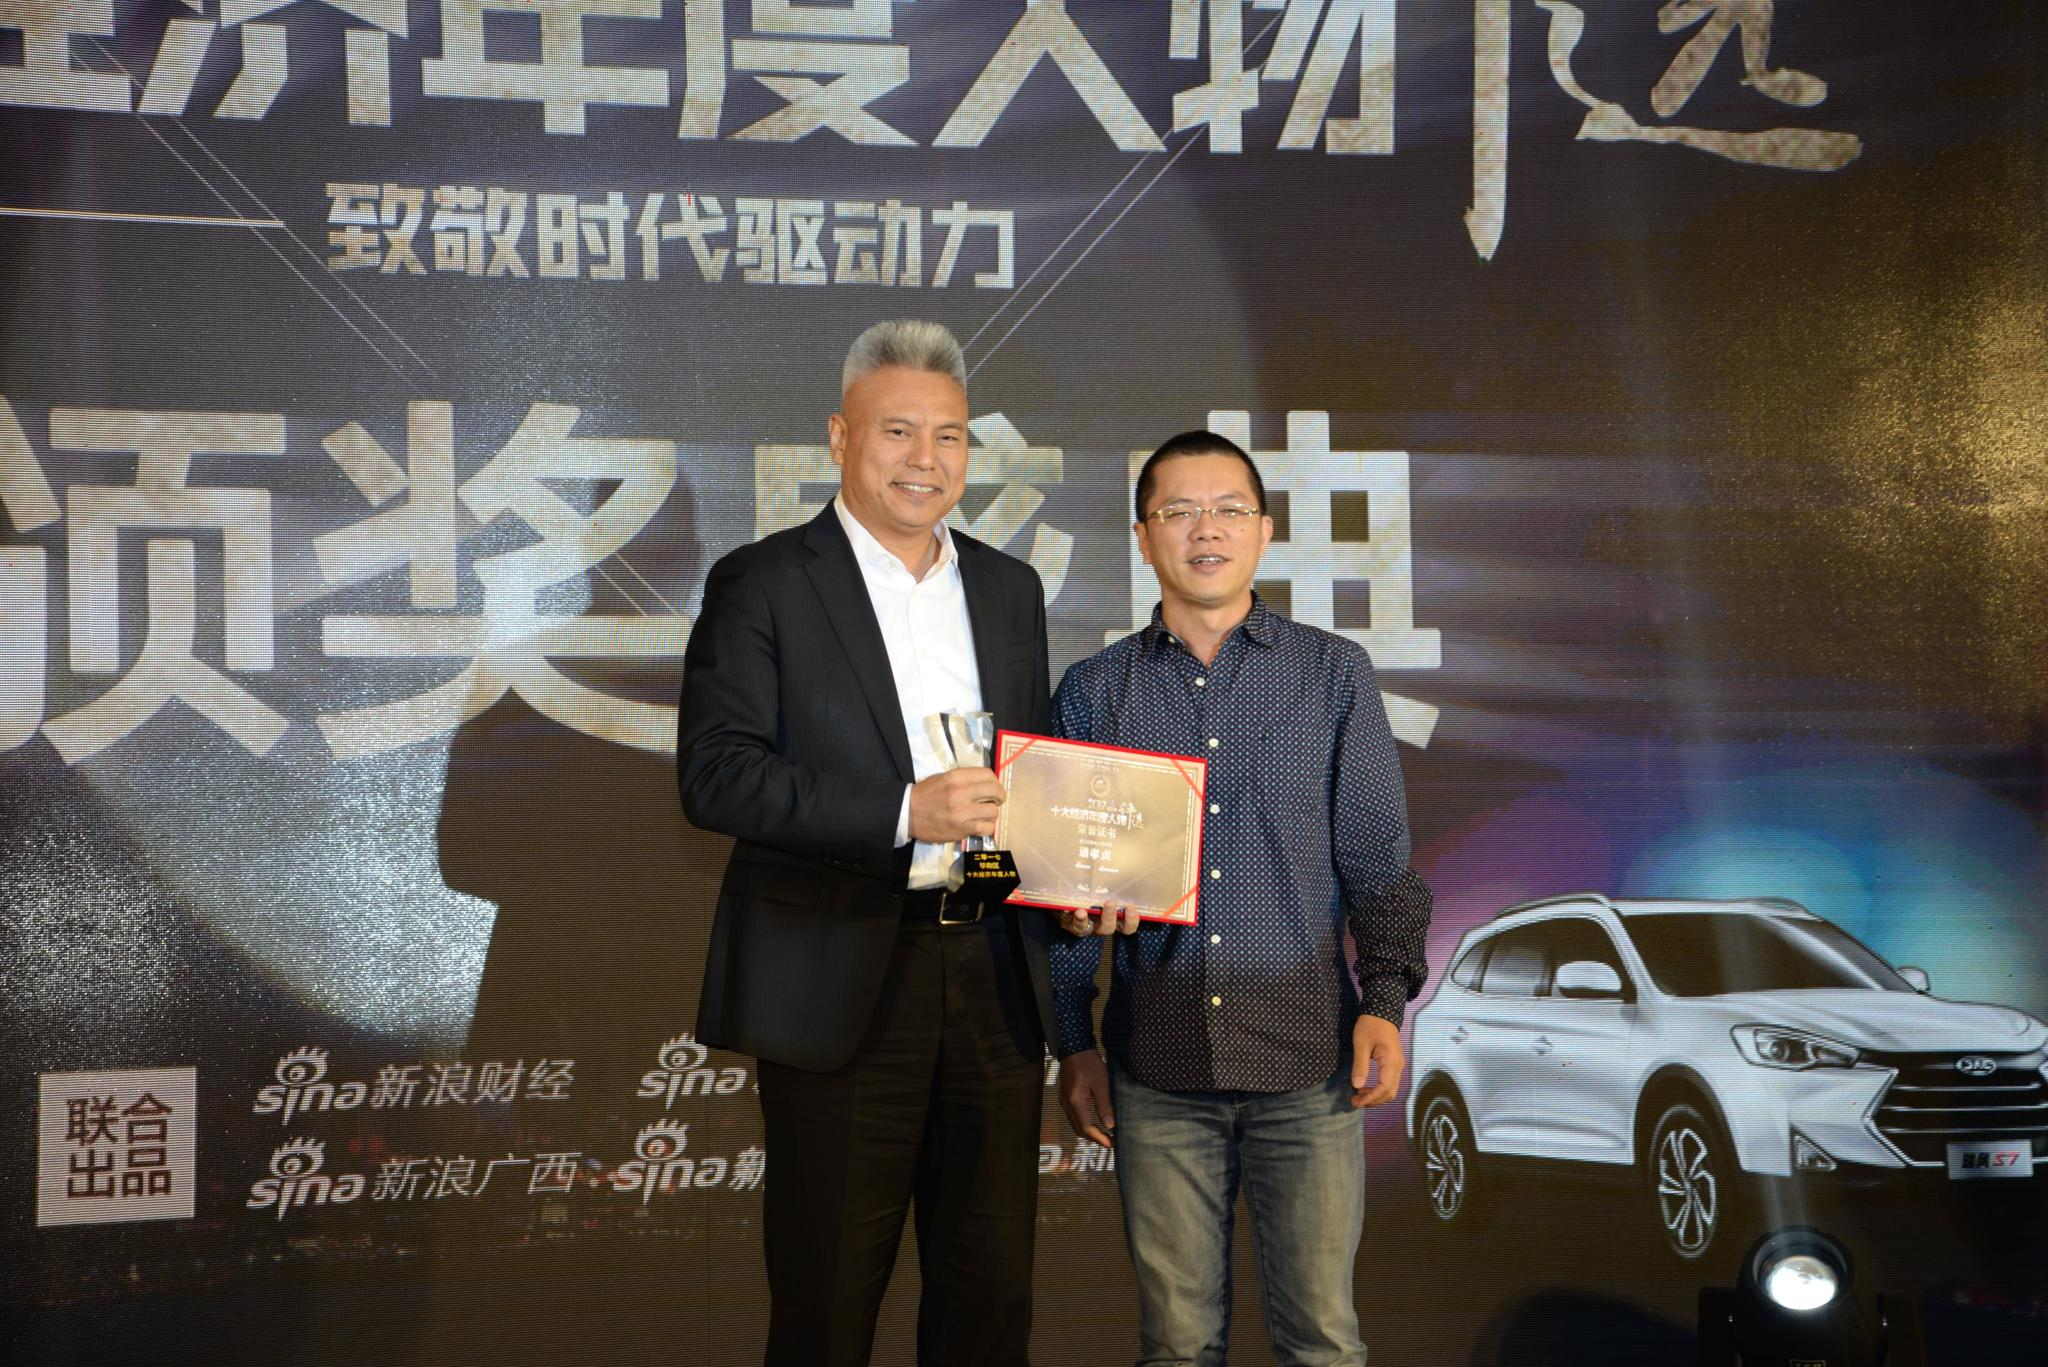 2017年华南区十大经济年度人物潘孝贞获奖